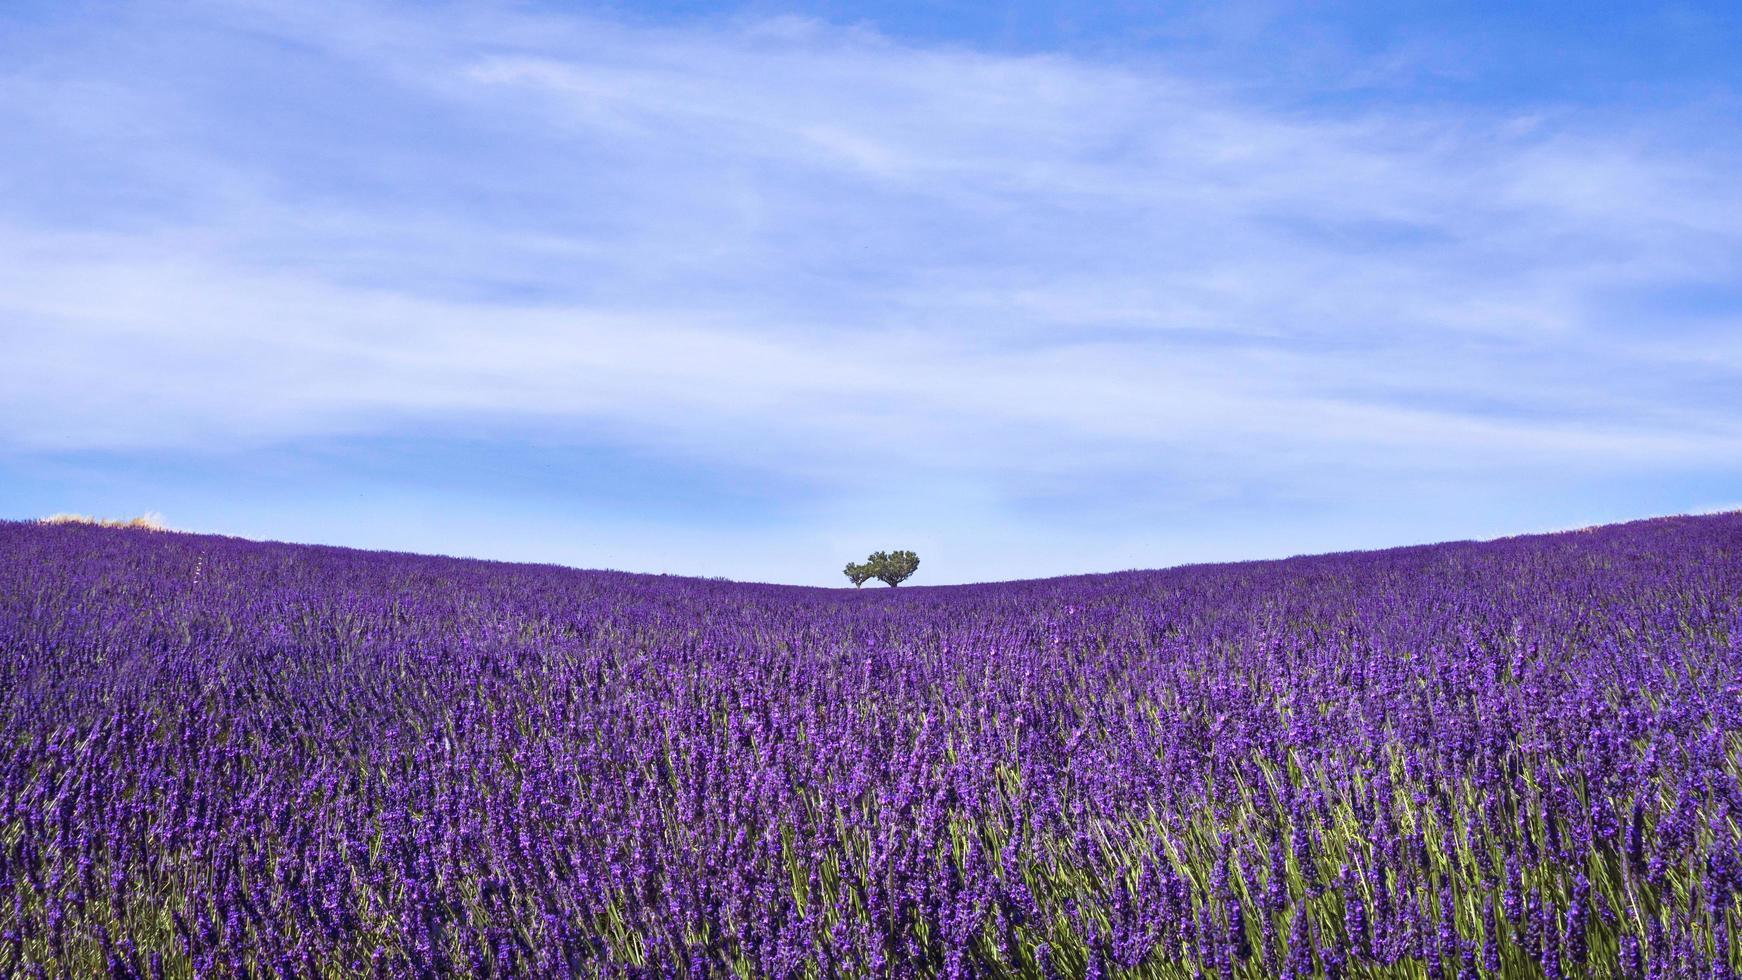 Vue paysage minimaliste du champ de lavande en provence, france photo